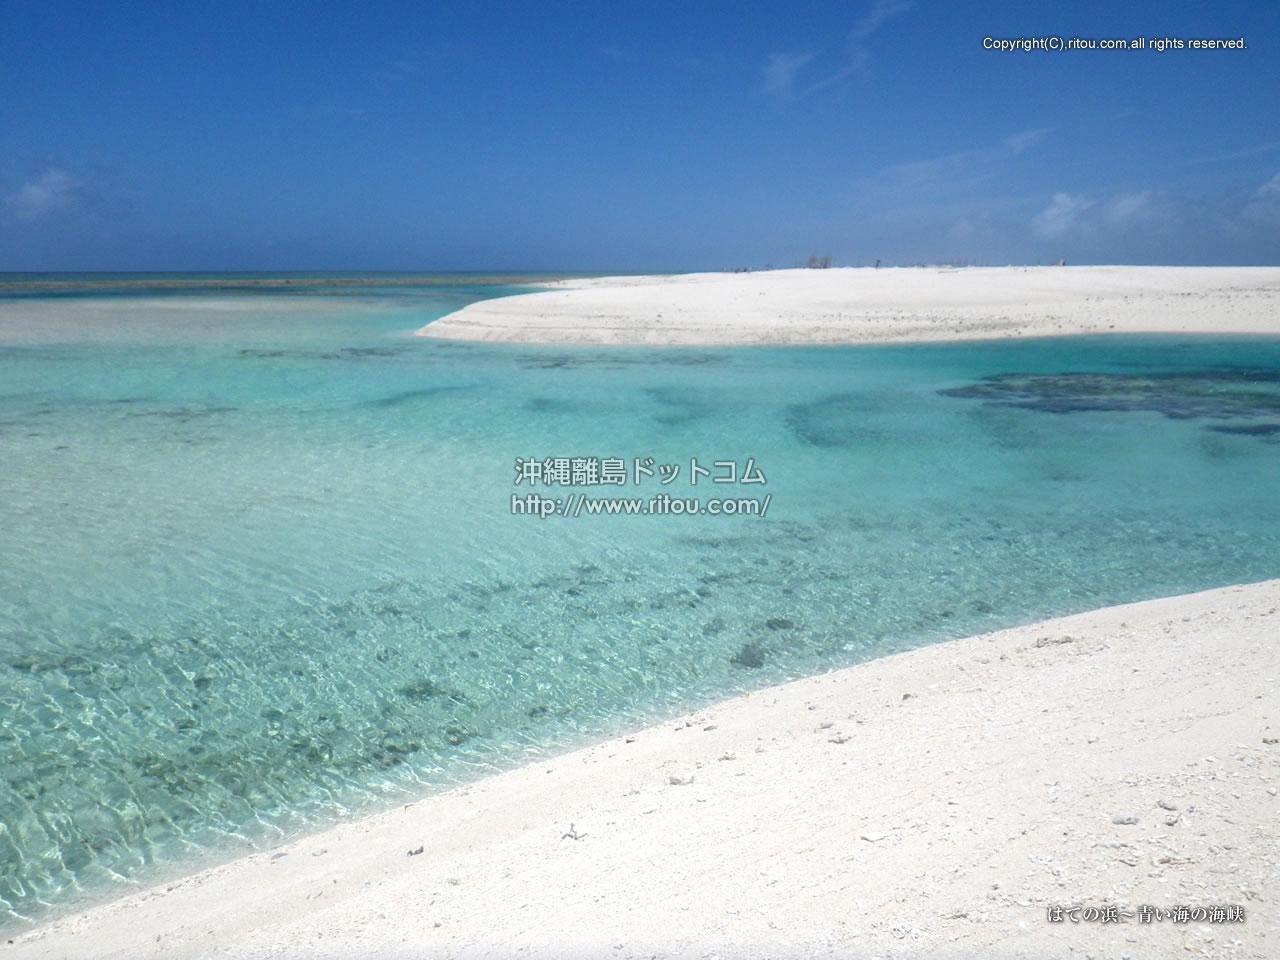 はての浜〜青い海の海峡